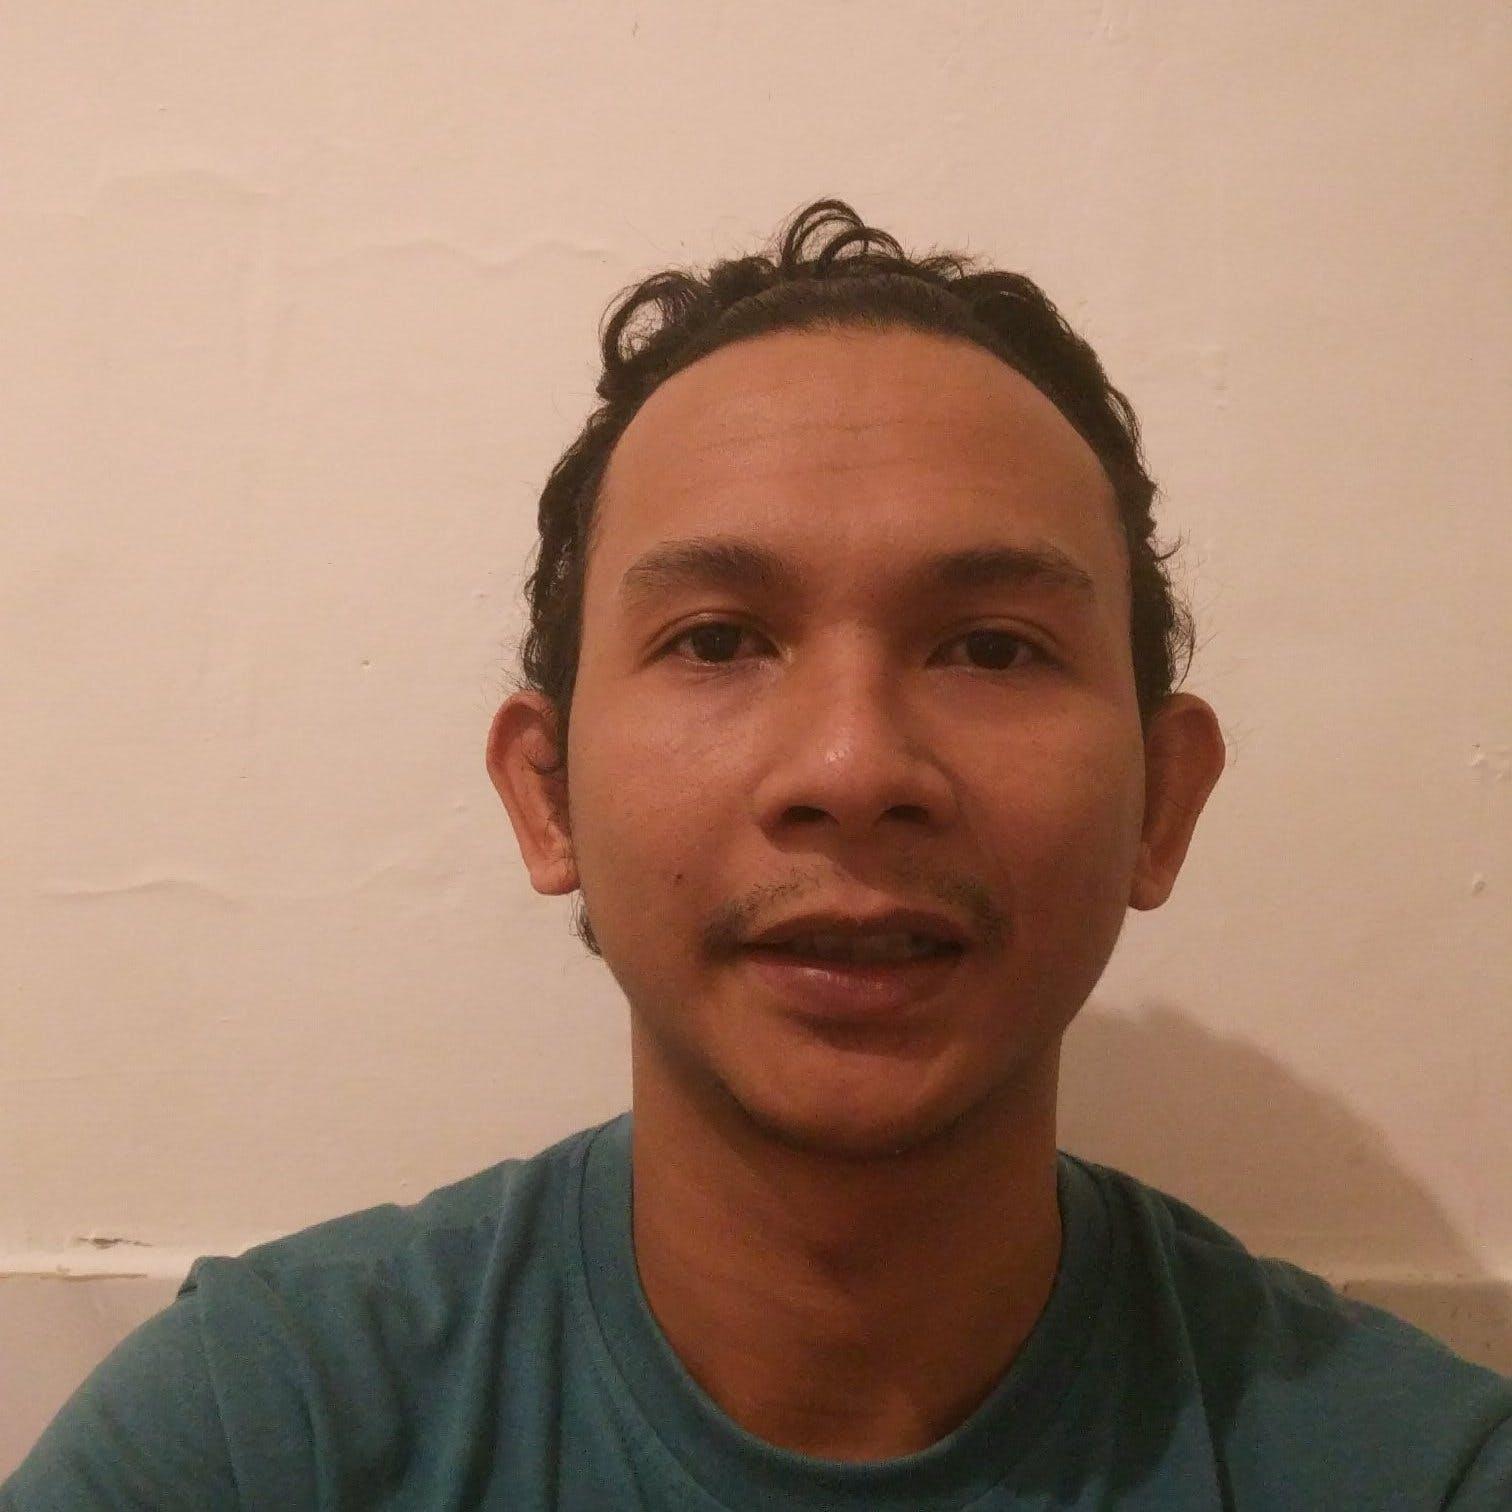 Ahmad Radhy